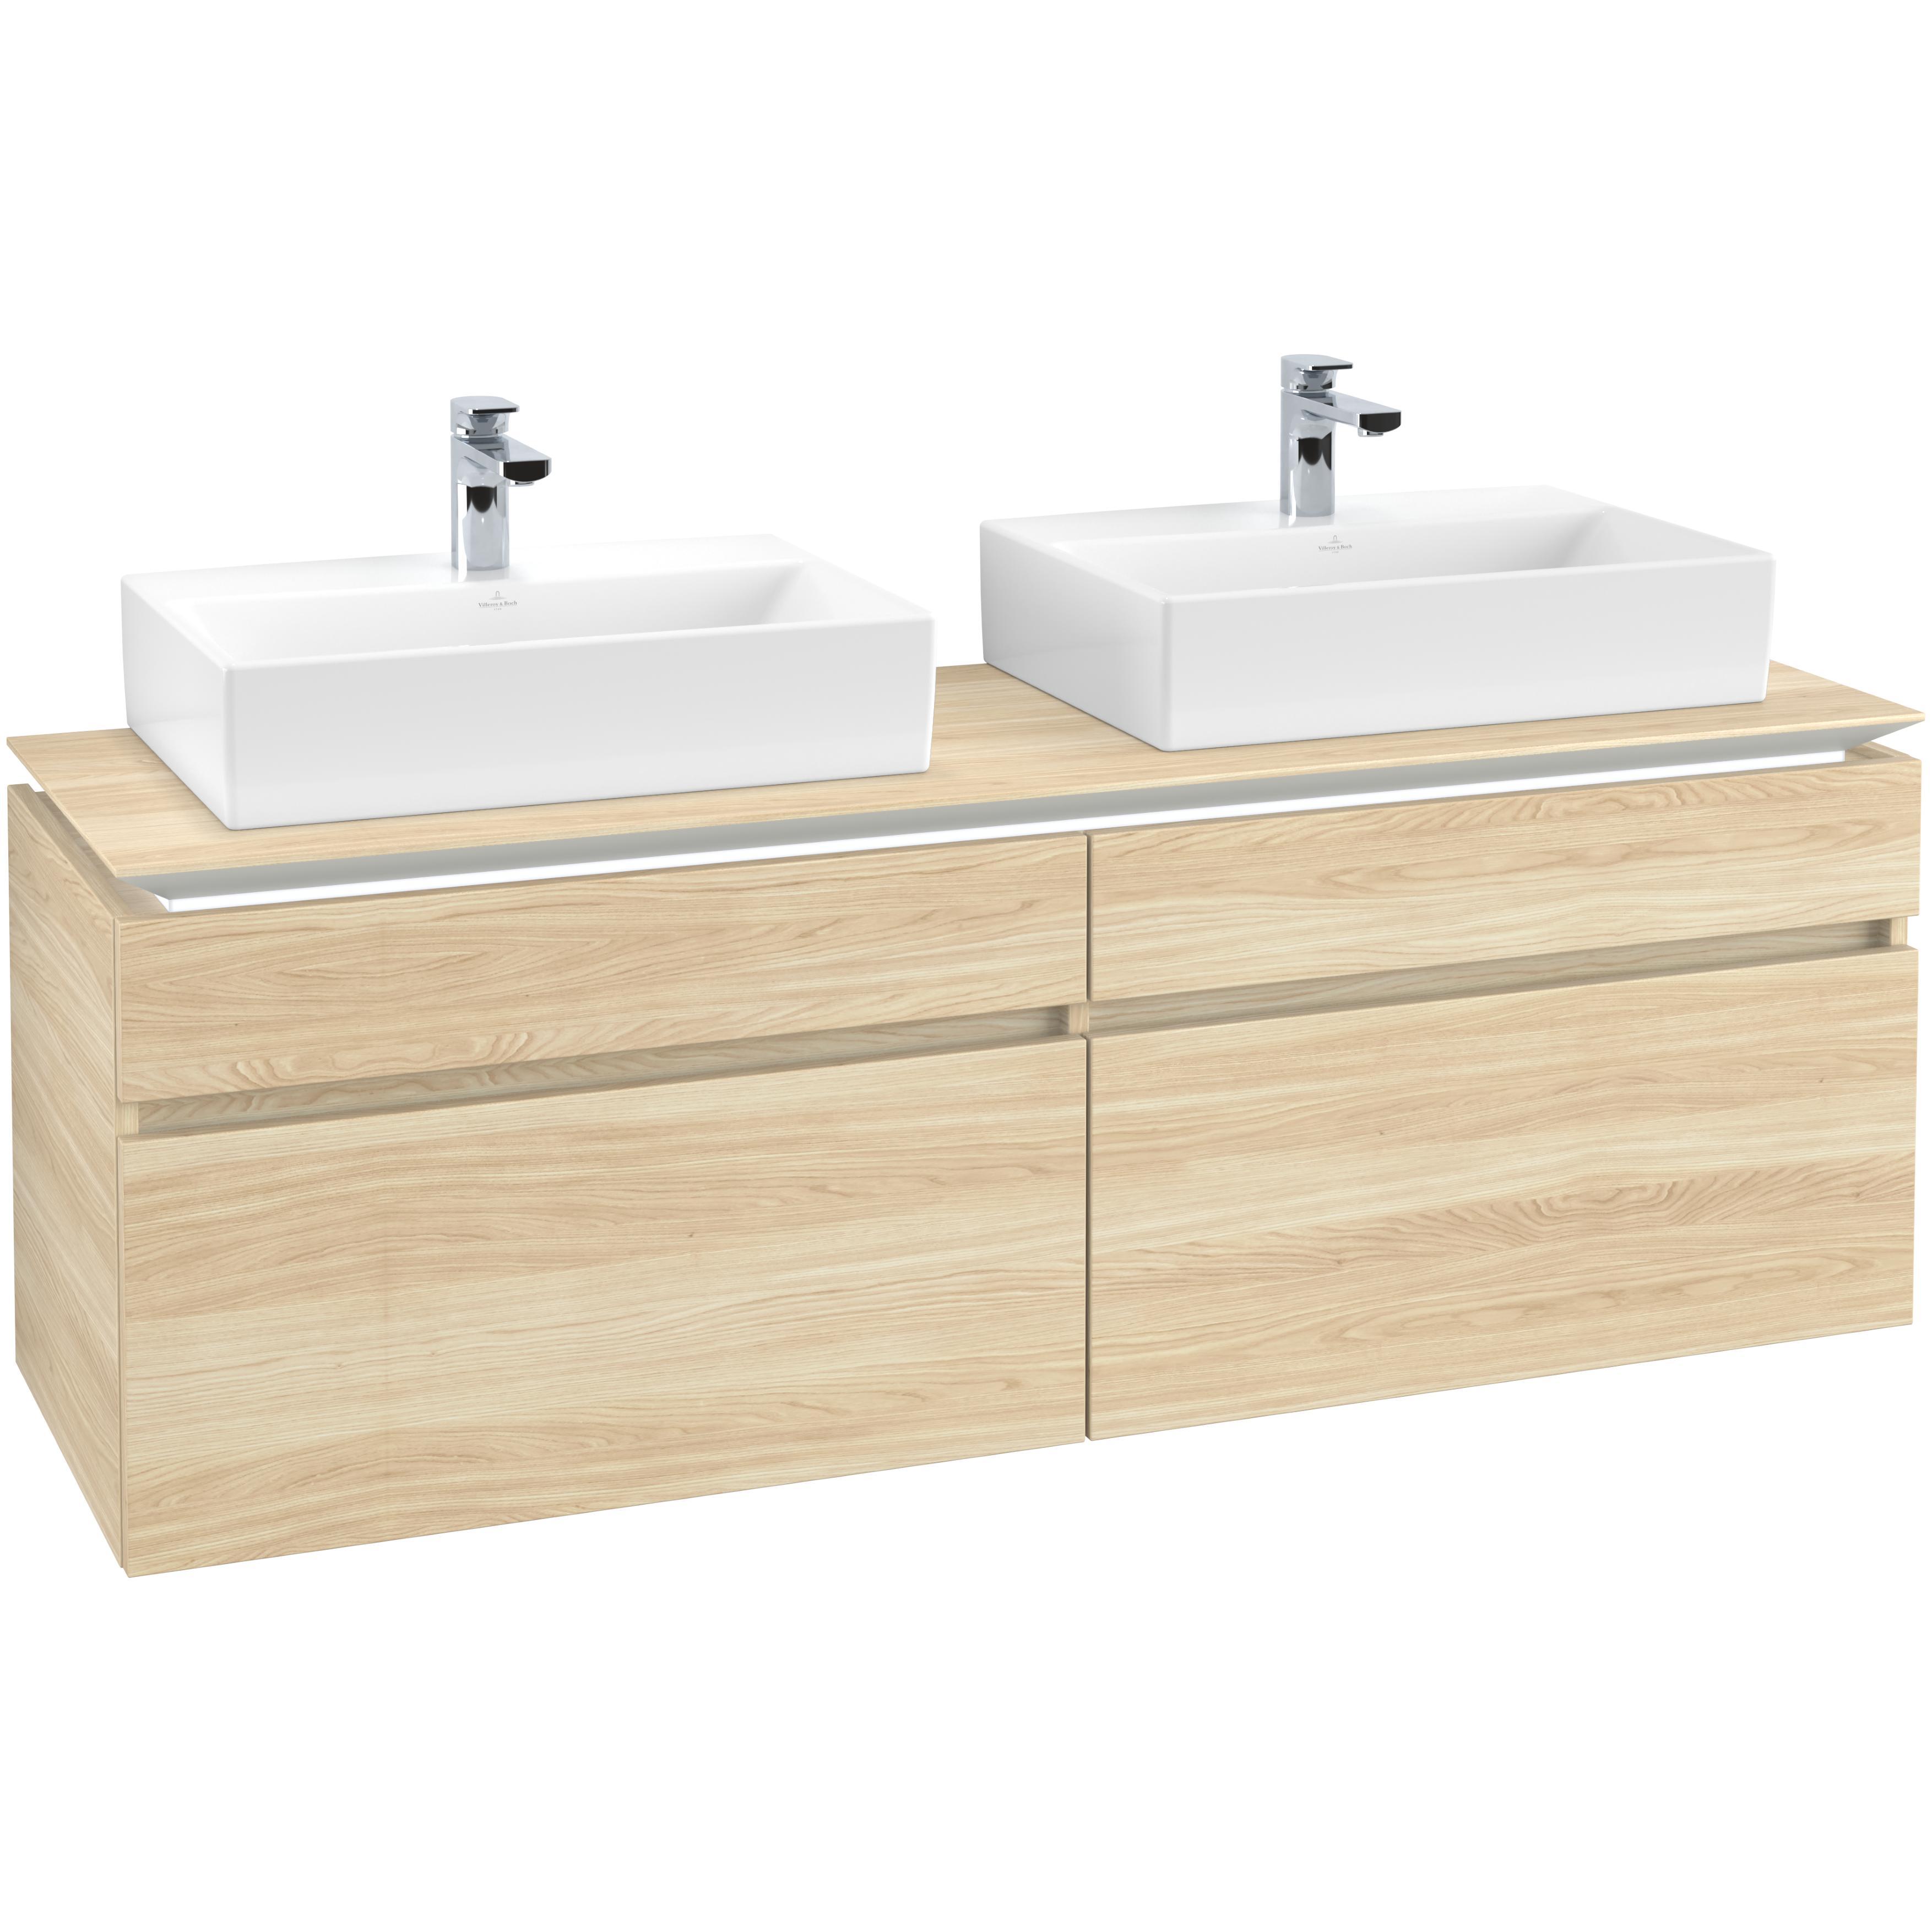 Tvättställsskåp Villeroy & Boch Legato 1600 med 4 Lådor för Två Tvättställ från Memento